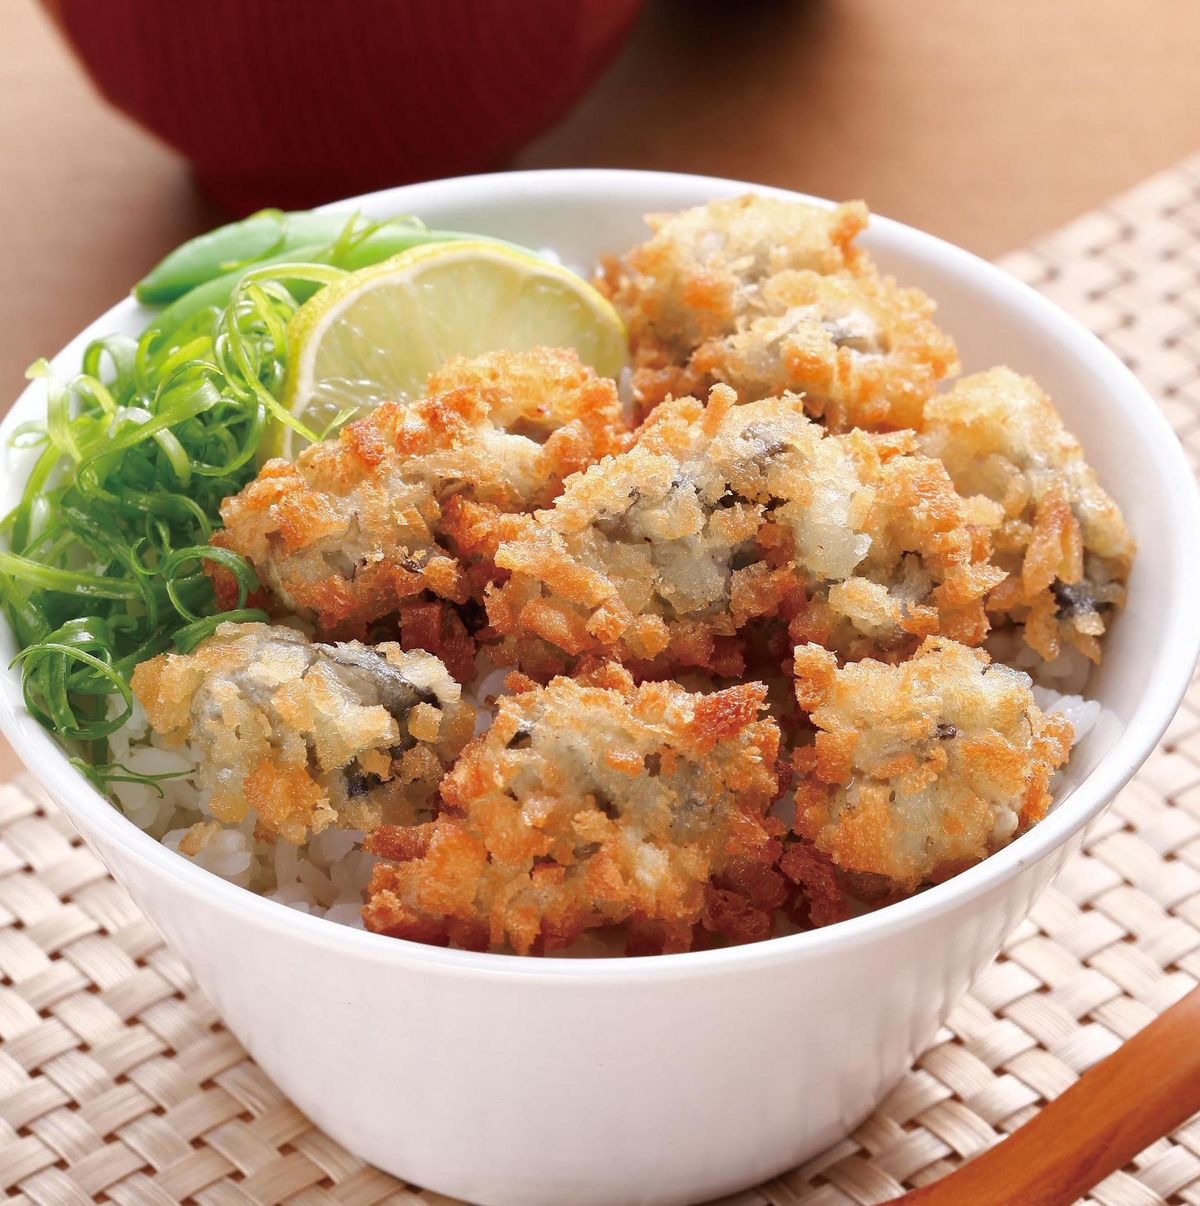 食譜:酥炸鮮蚵蓋飯